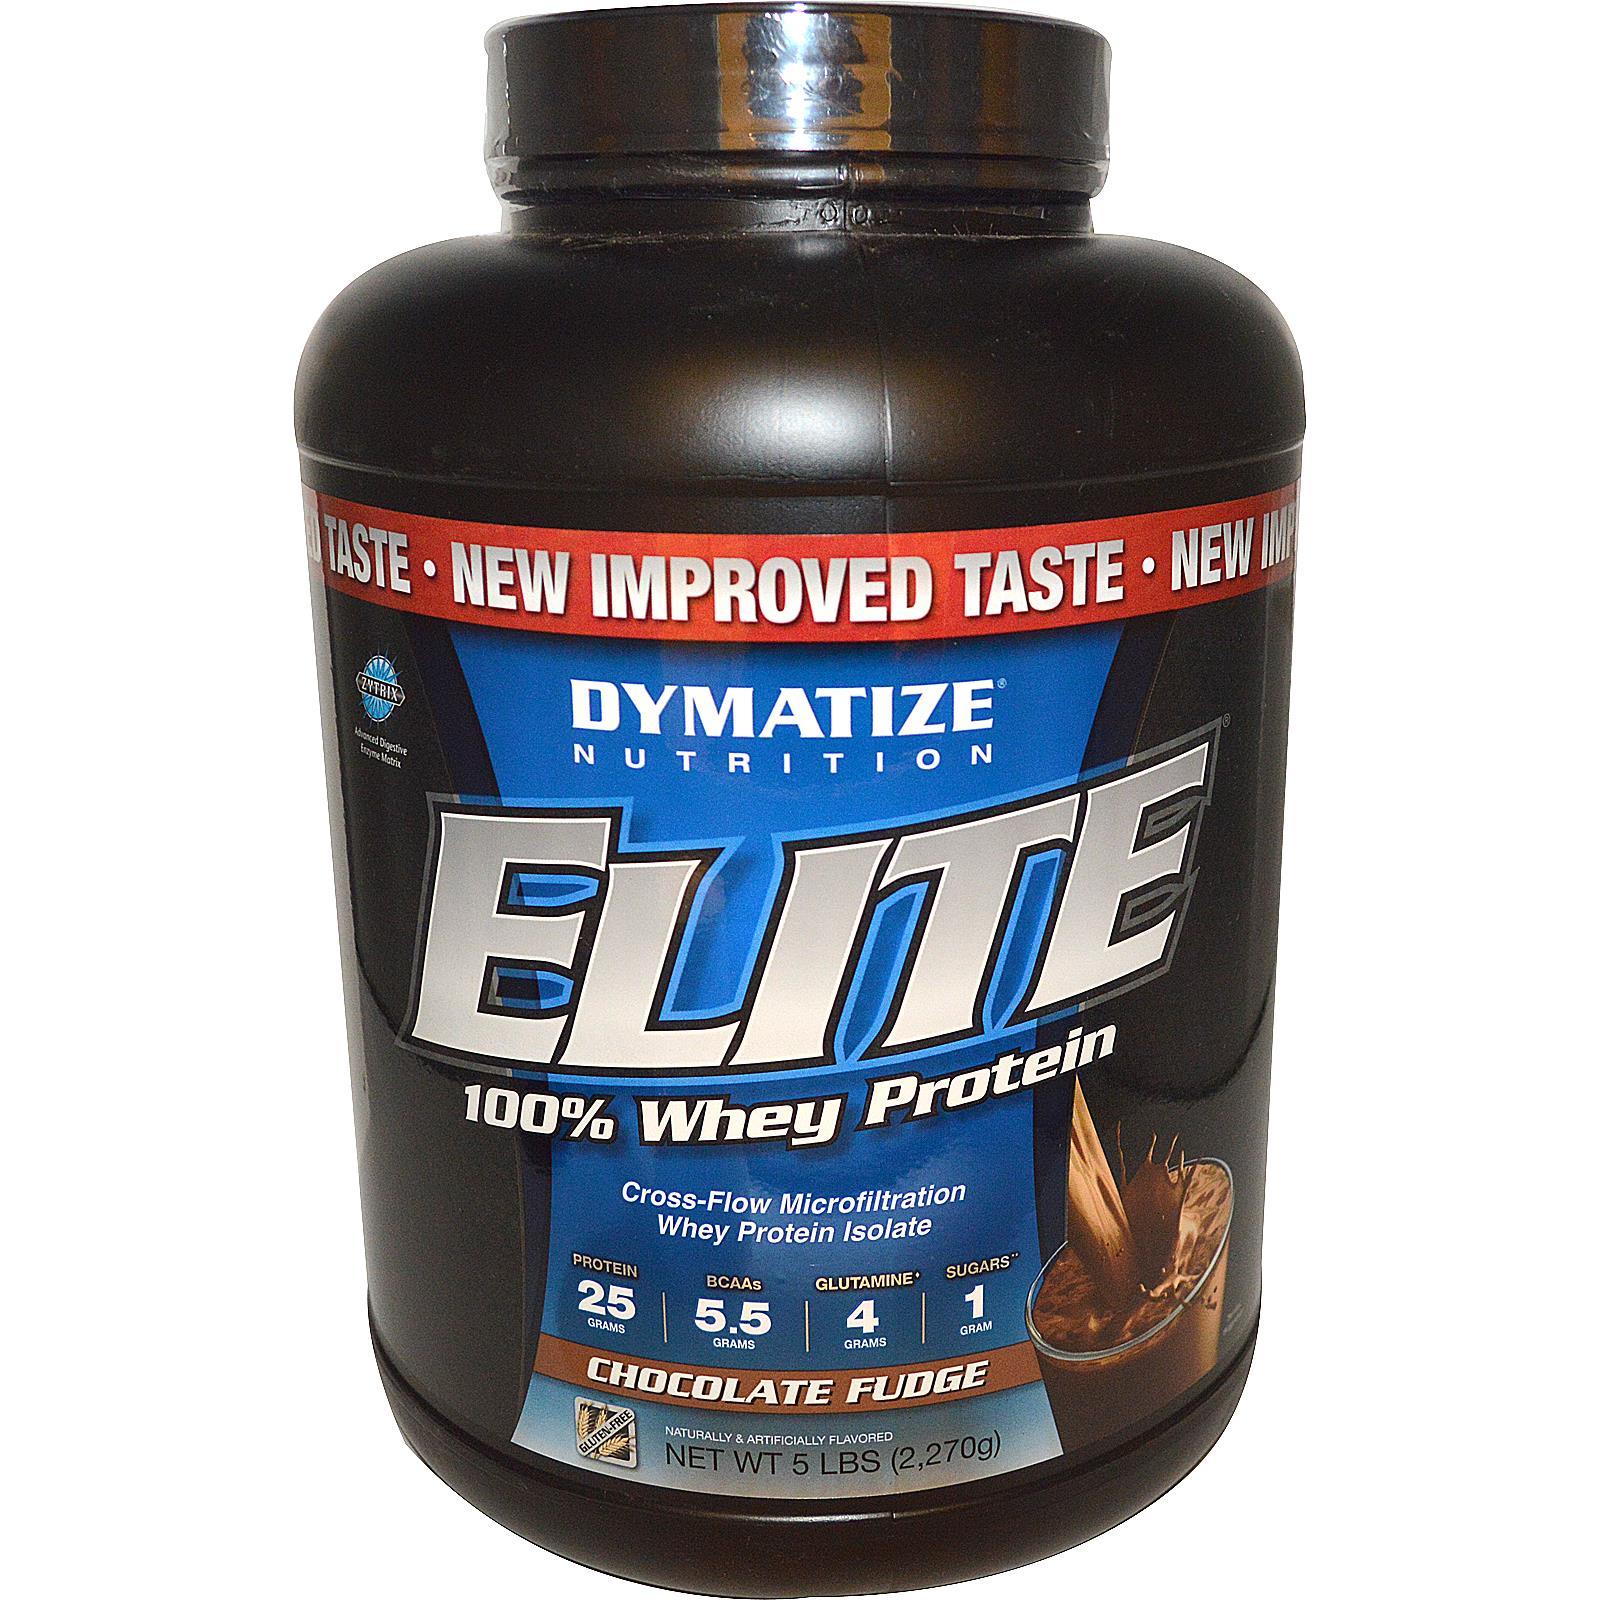 プロテイン考察 Dymatize Nutrition, Elite, 100% Whey Protein